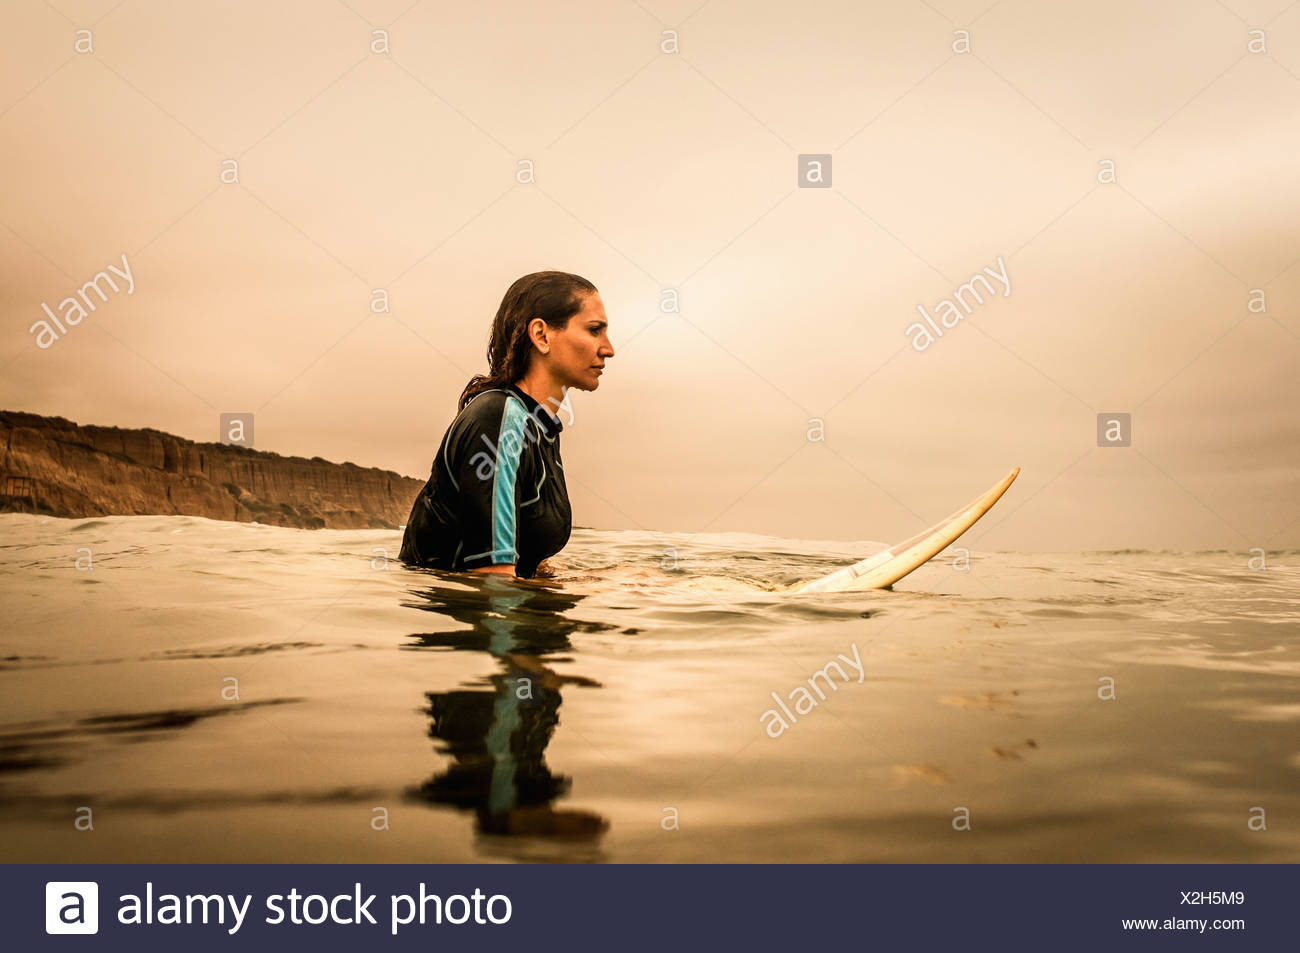 Mujer joven en el mar con tablas de surf, perfil Imagen De Stock